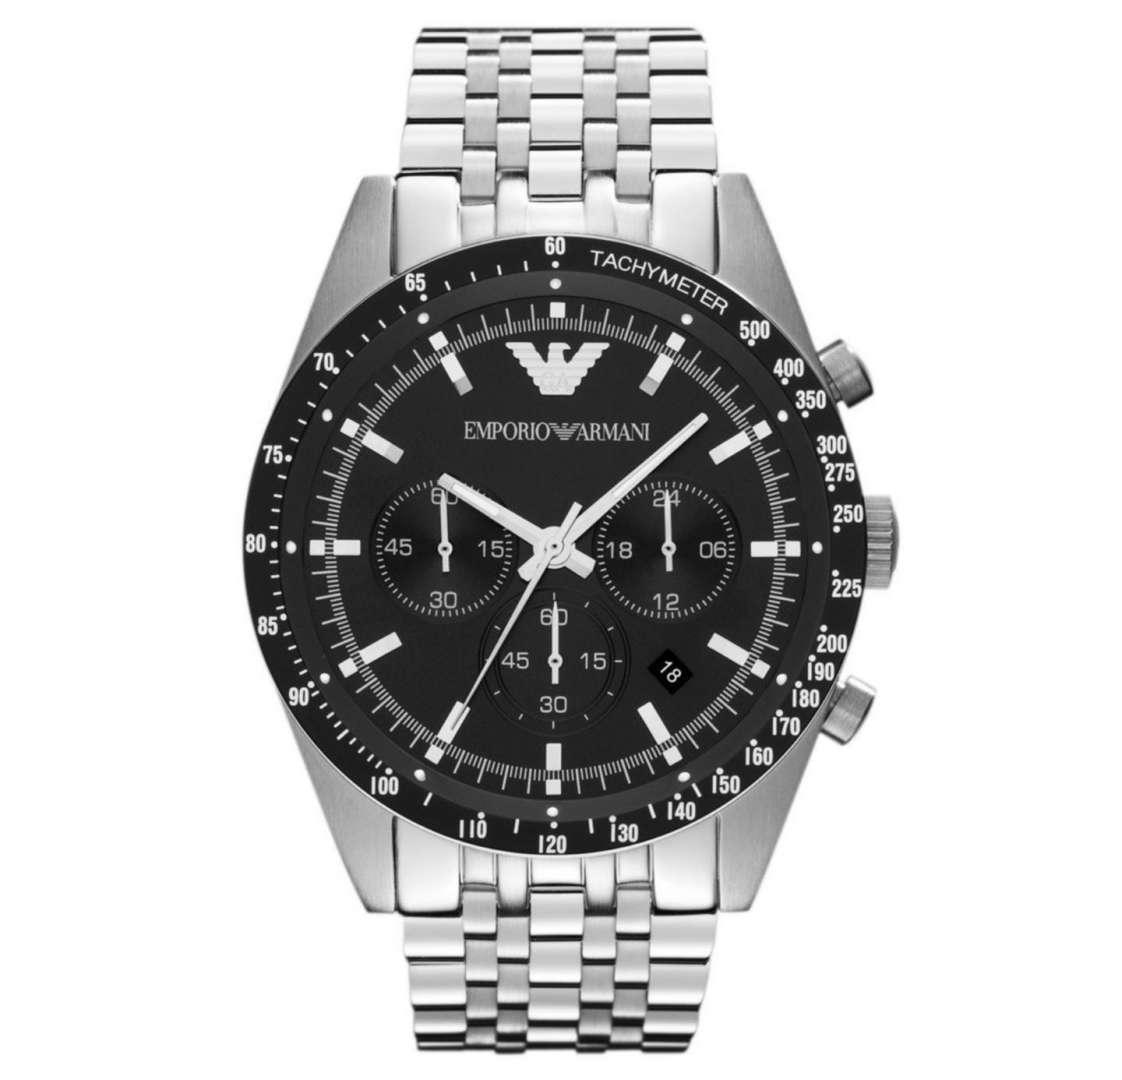 שעון יד אנלוגי לגבר emporio armani ar5988 אמפוריו ארמני